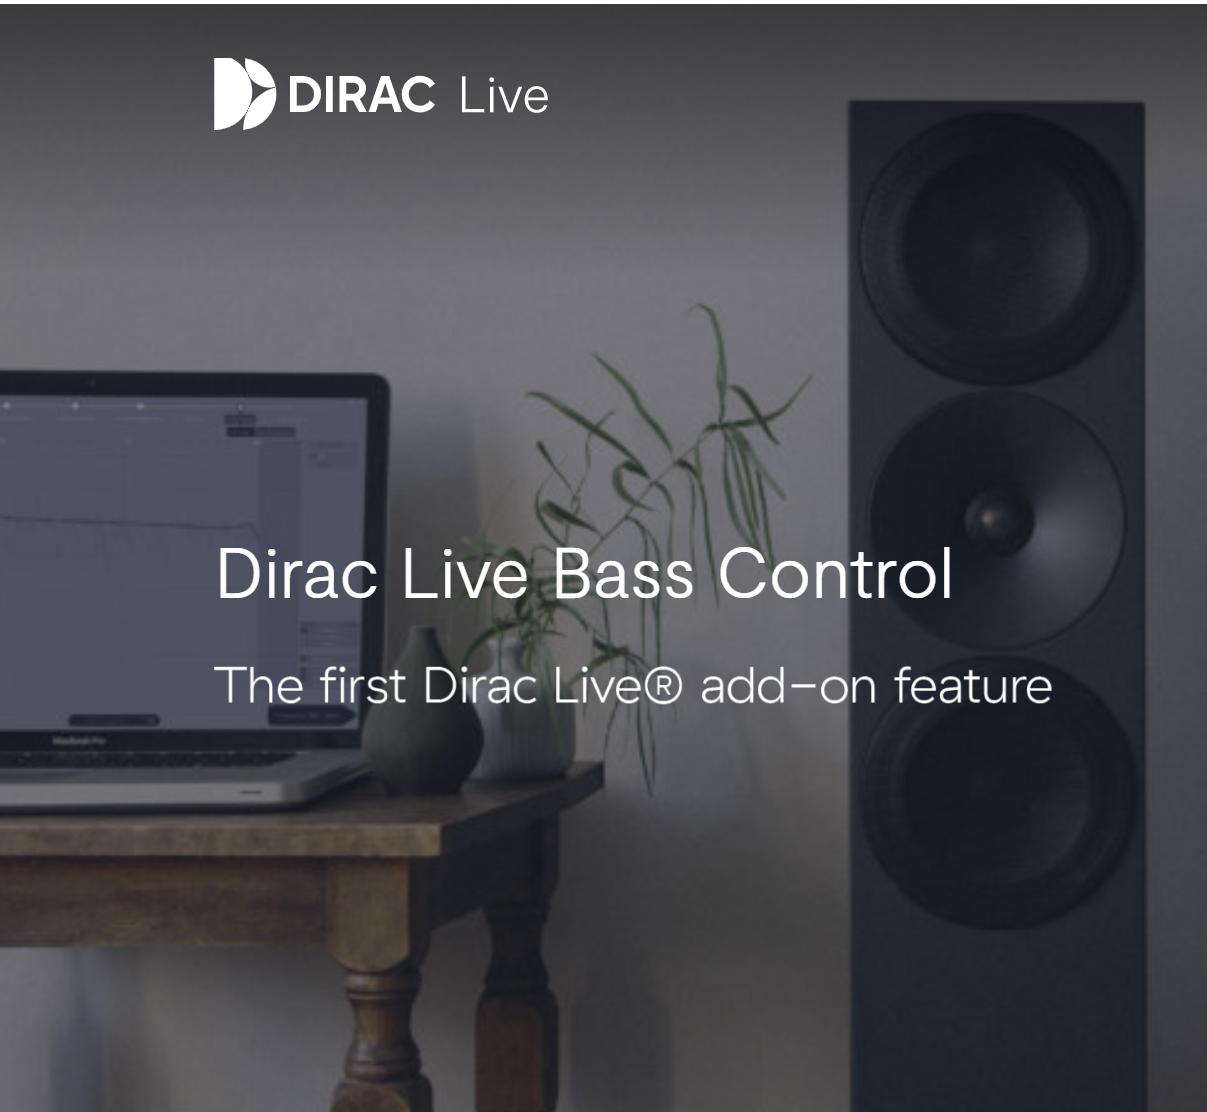 Dirac Live Bass Control